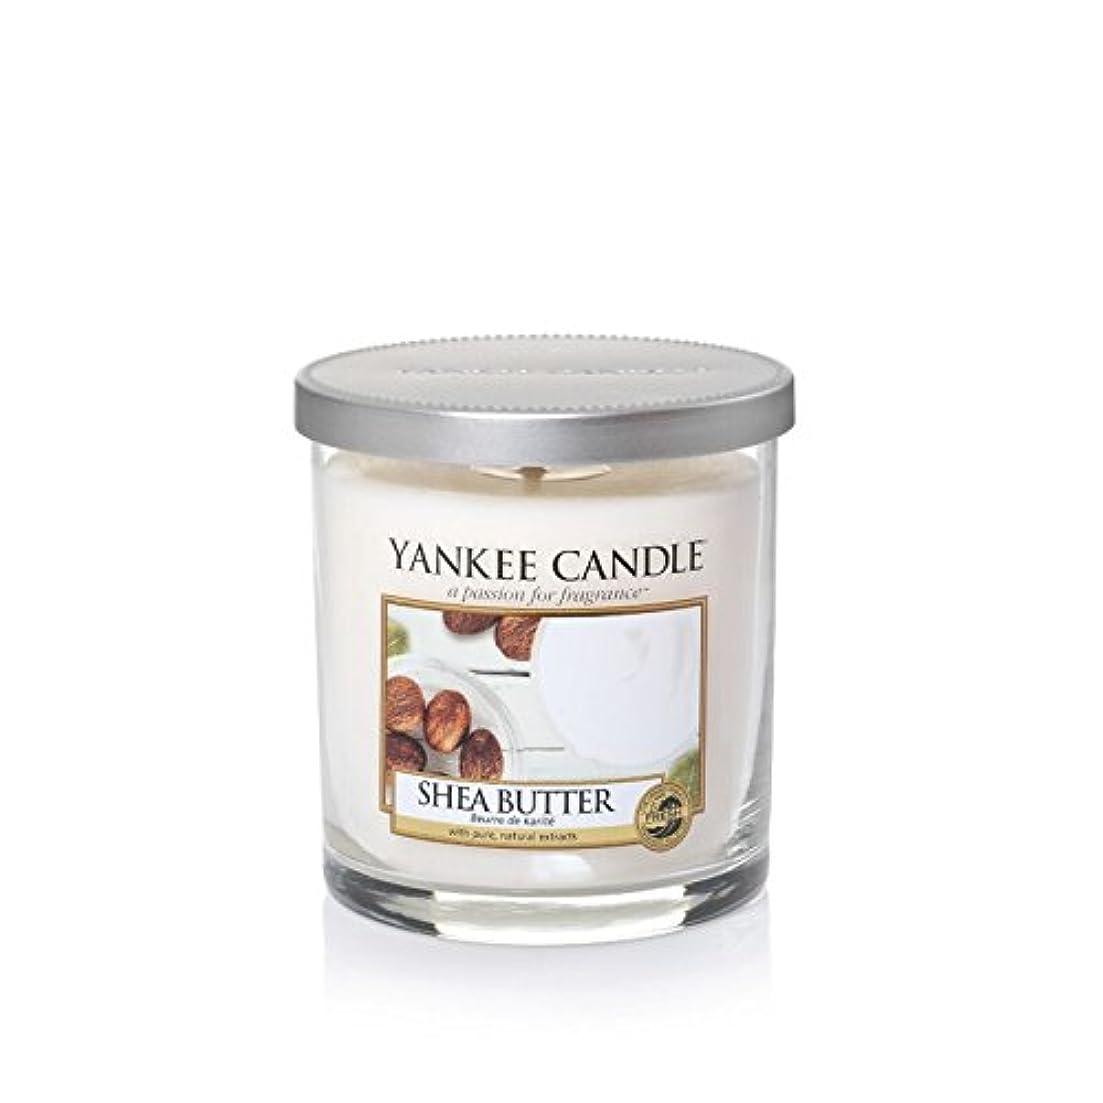 コーラス離れてアームストロングYankee Candles Small Pillar Candle - Shea Butter (Pack of 6) - ヤンキーキャンドルの小さな柱キャンドル - シアバター (x6) [並行輸入品]